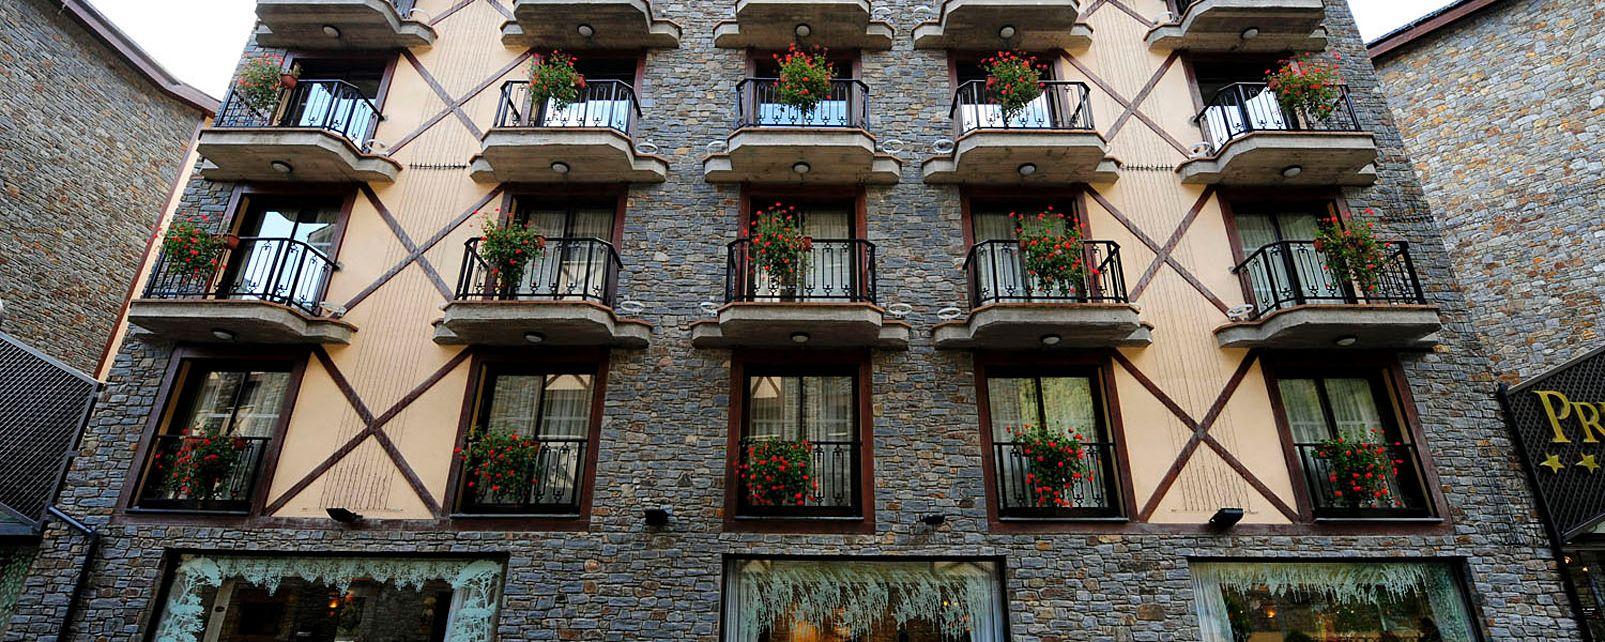 Hotel Spa Diana Parc Andorra